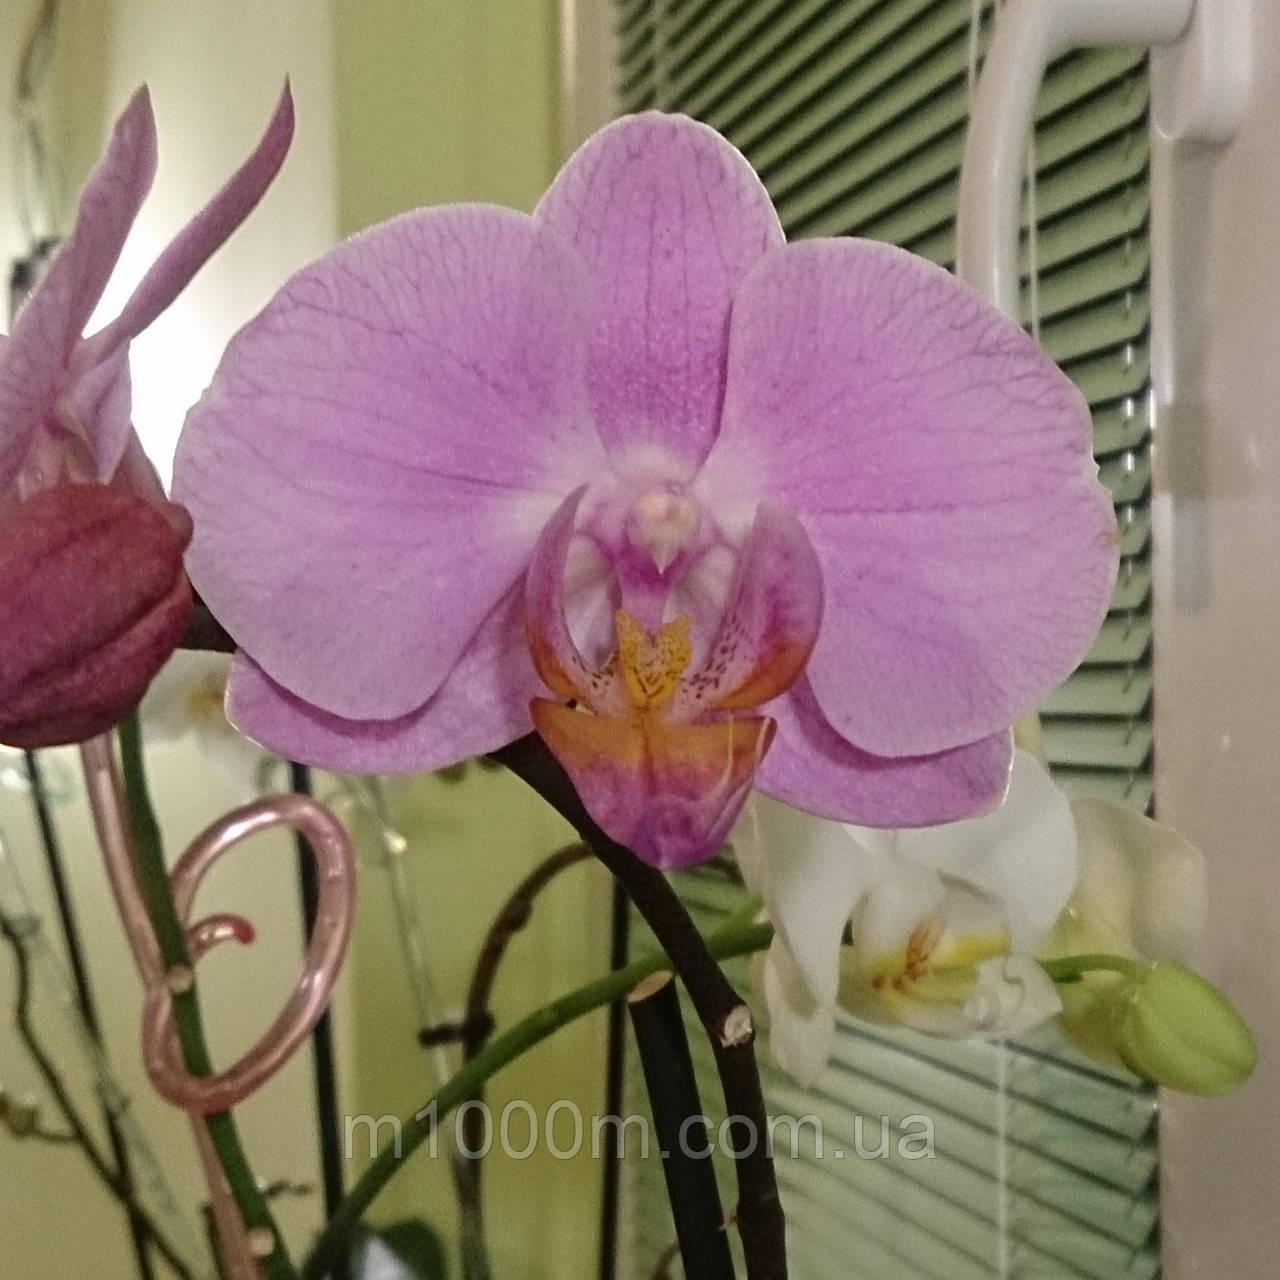 Орхидея Фаленопсис Розовая (на данный момент не цветет)